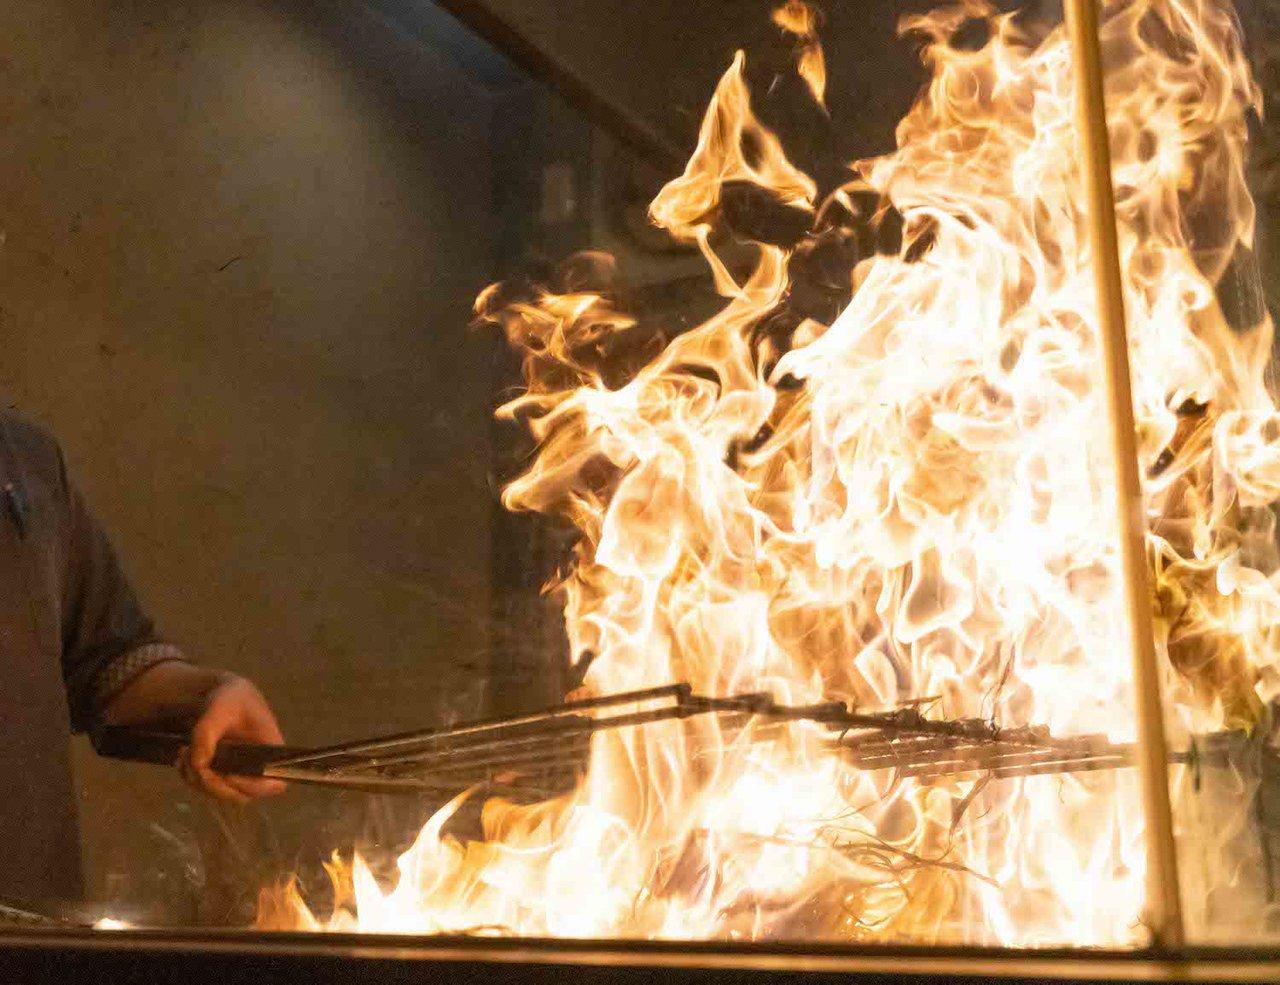 藁焼きブースで焼き上げた鰹は是非ご賞味頂きたい逸品、金華塩と一緒にどうぞ 恵比寿夜ノ森-河口湖-